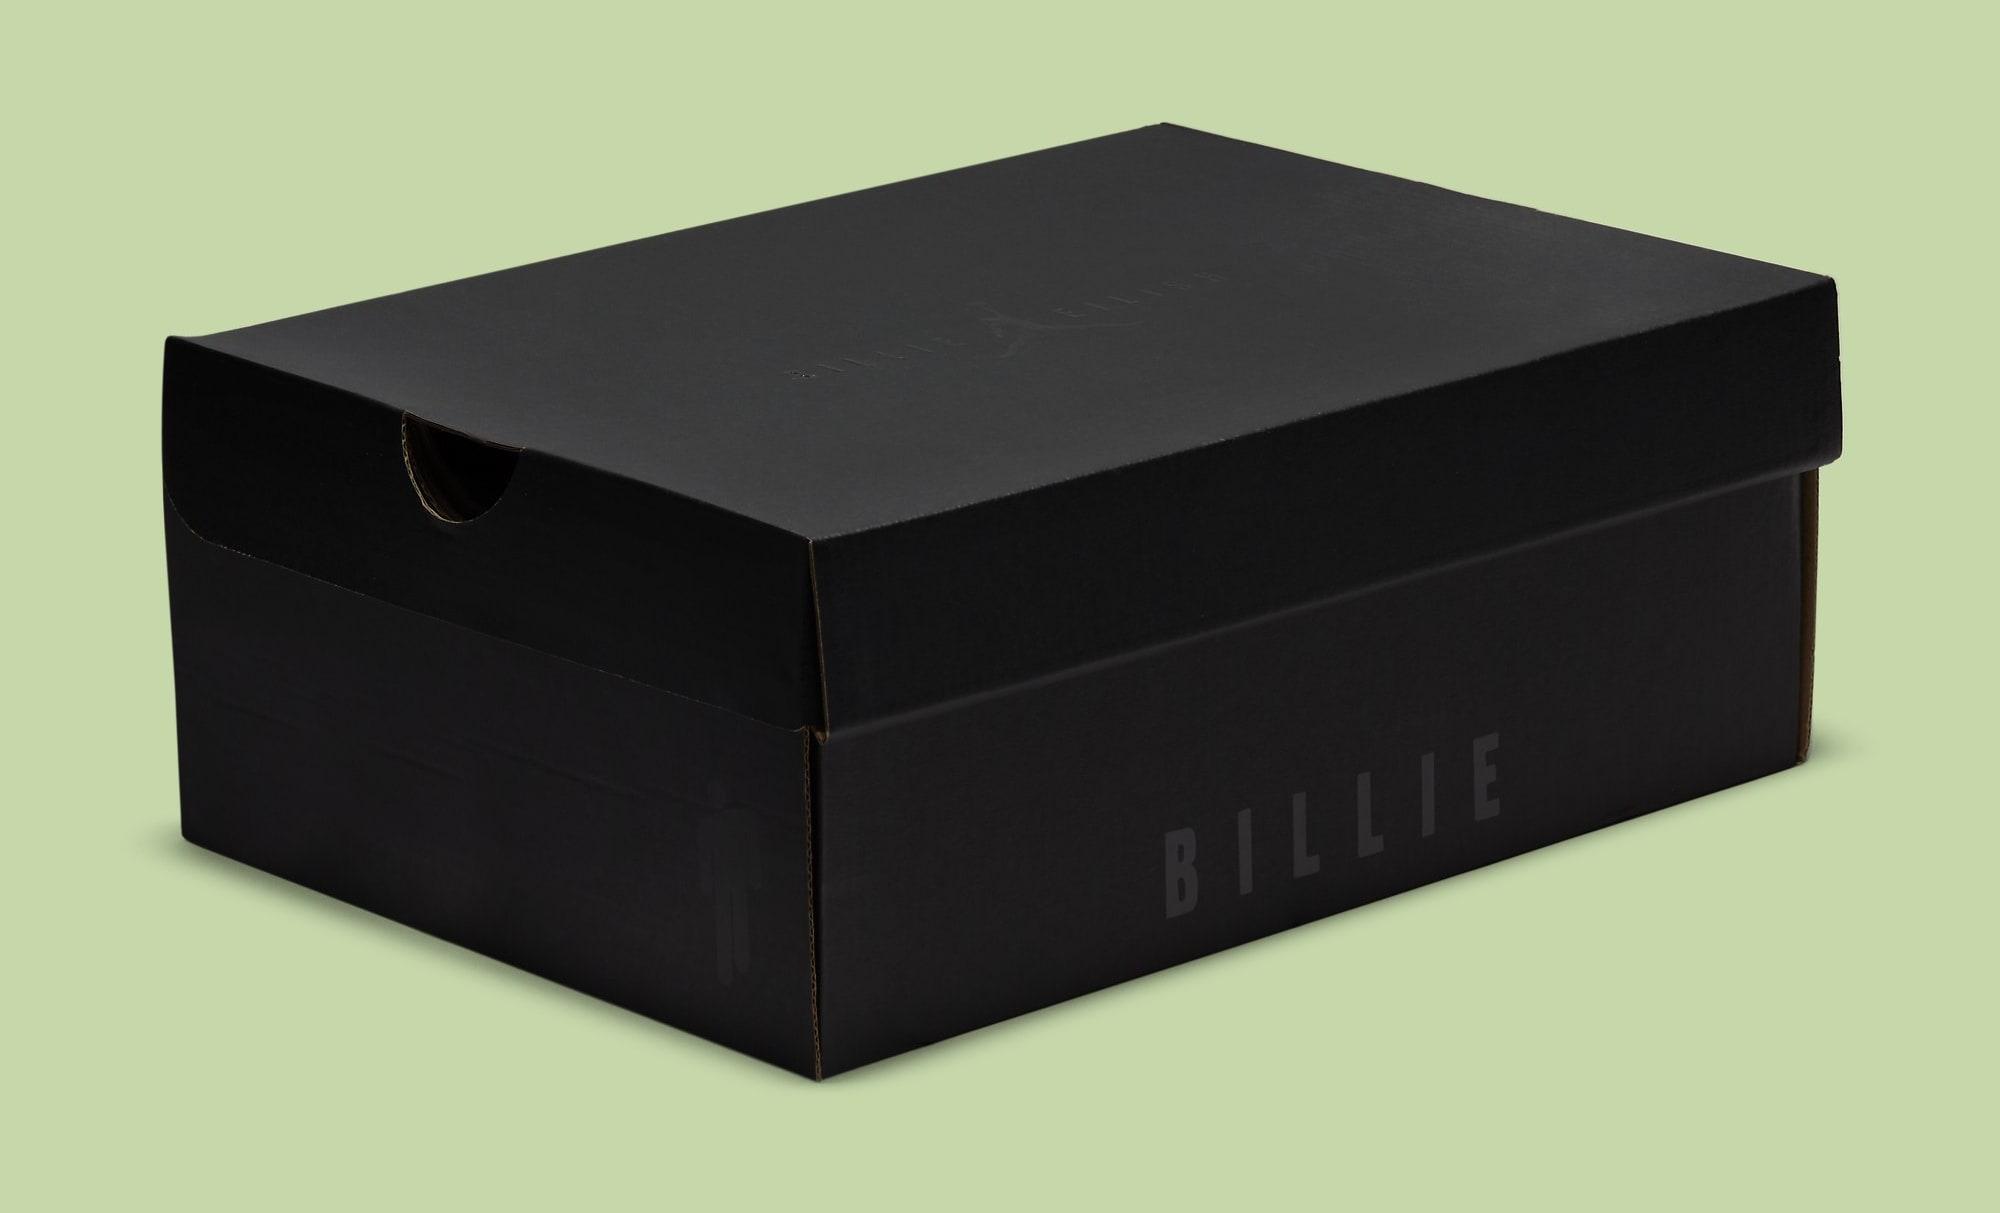 Billie Eilish x Air Jordan 1 KO 'Ghost Green' DN2857-330 (Box)